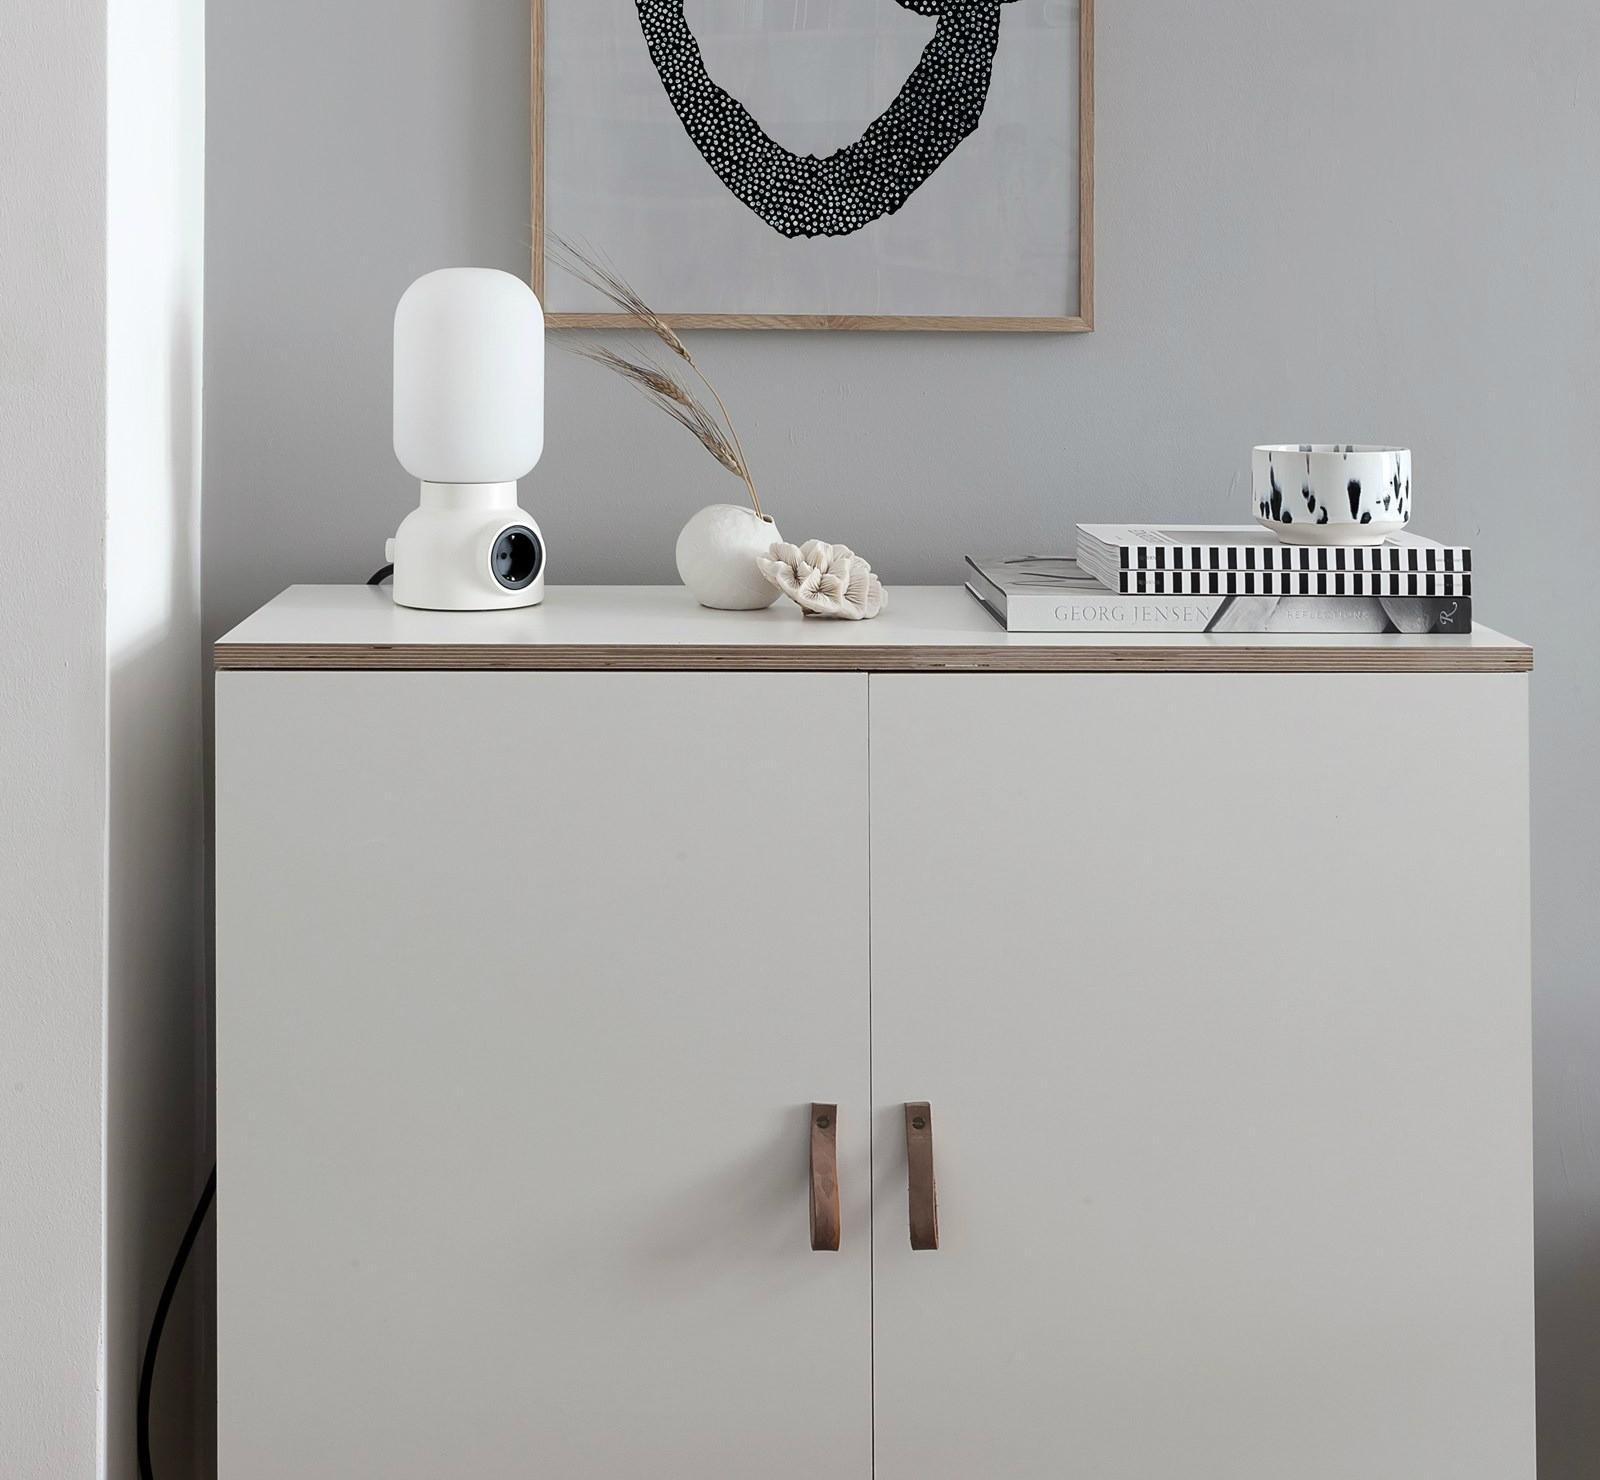 Фото: cocolapinedesign.com